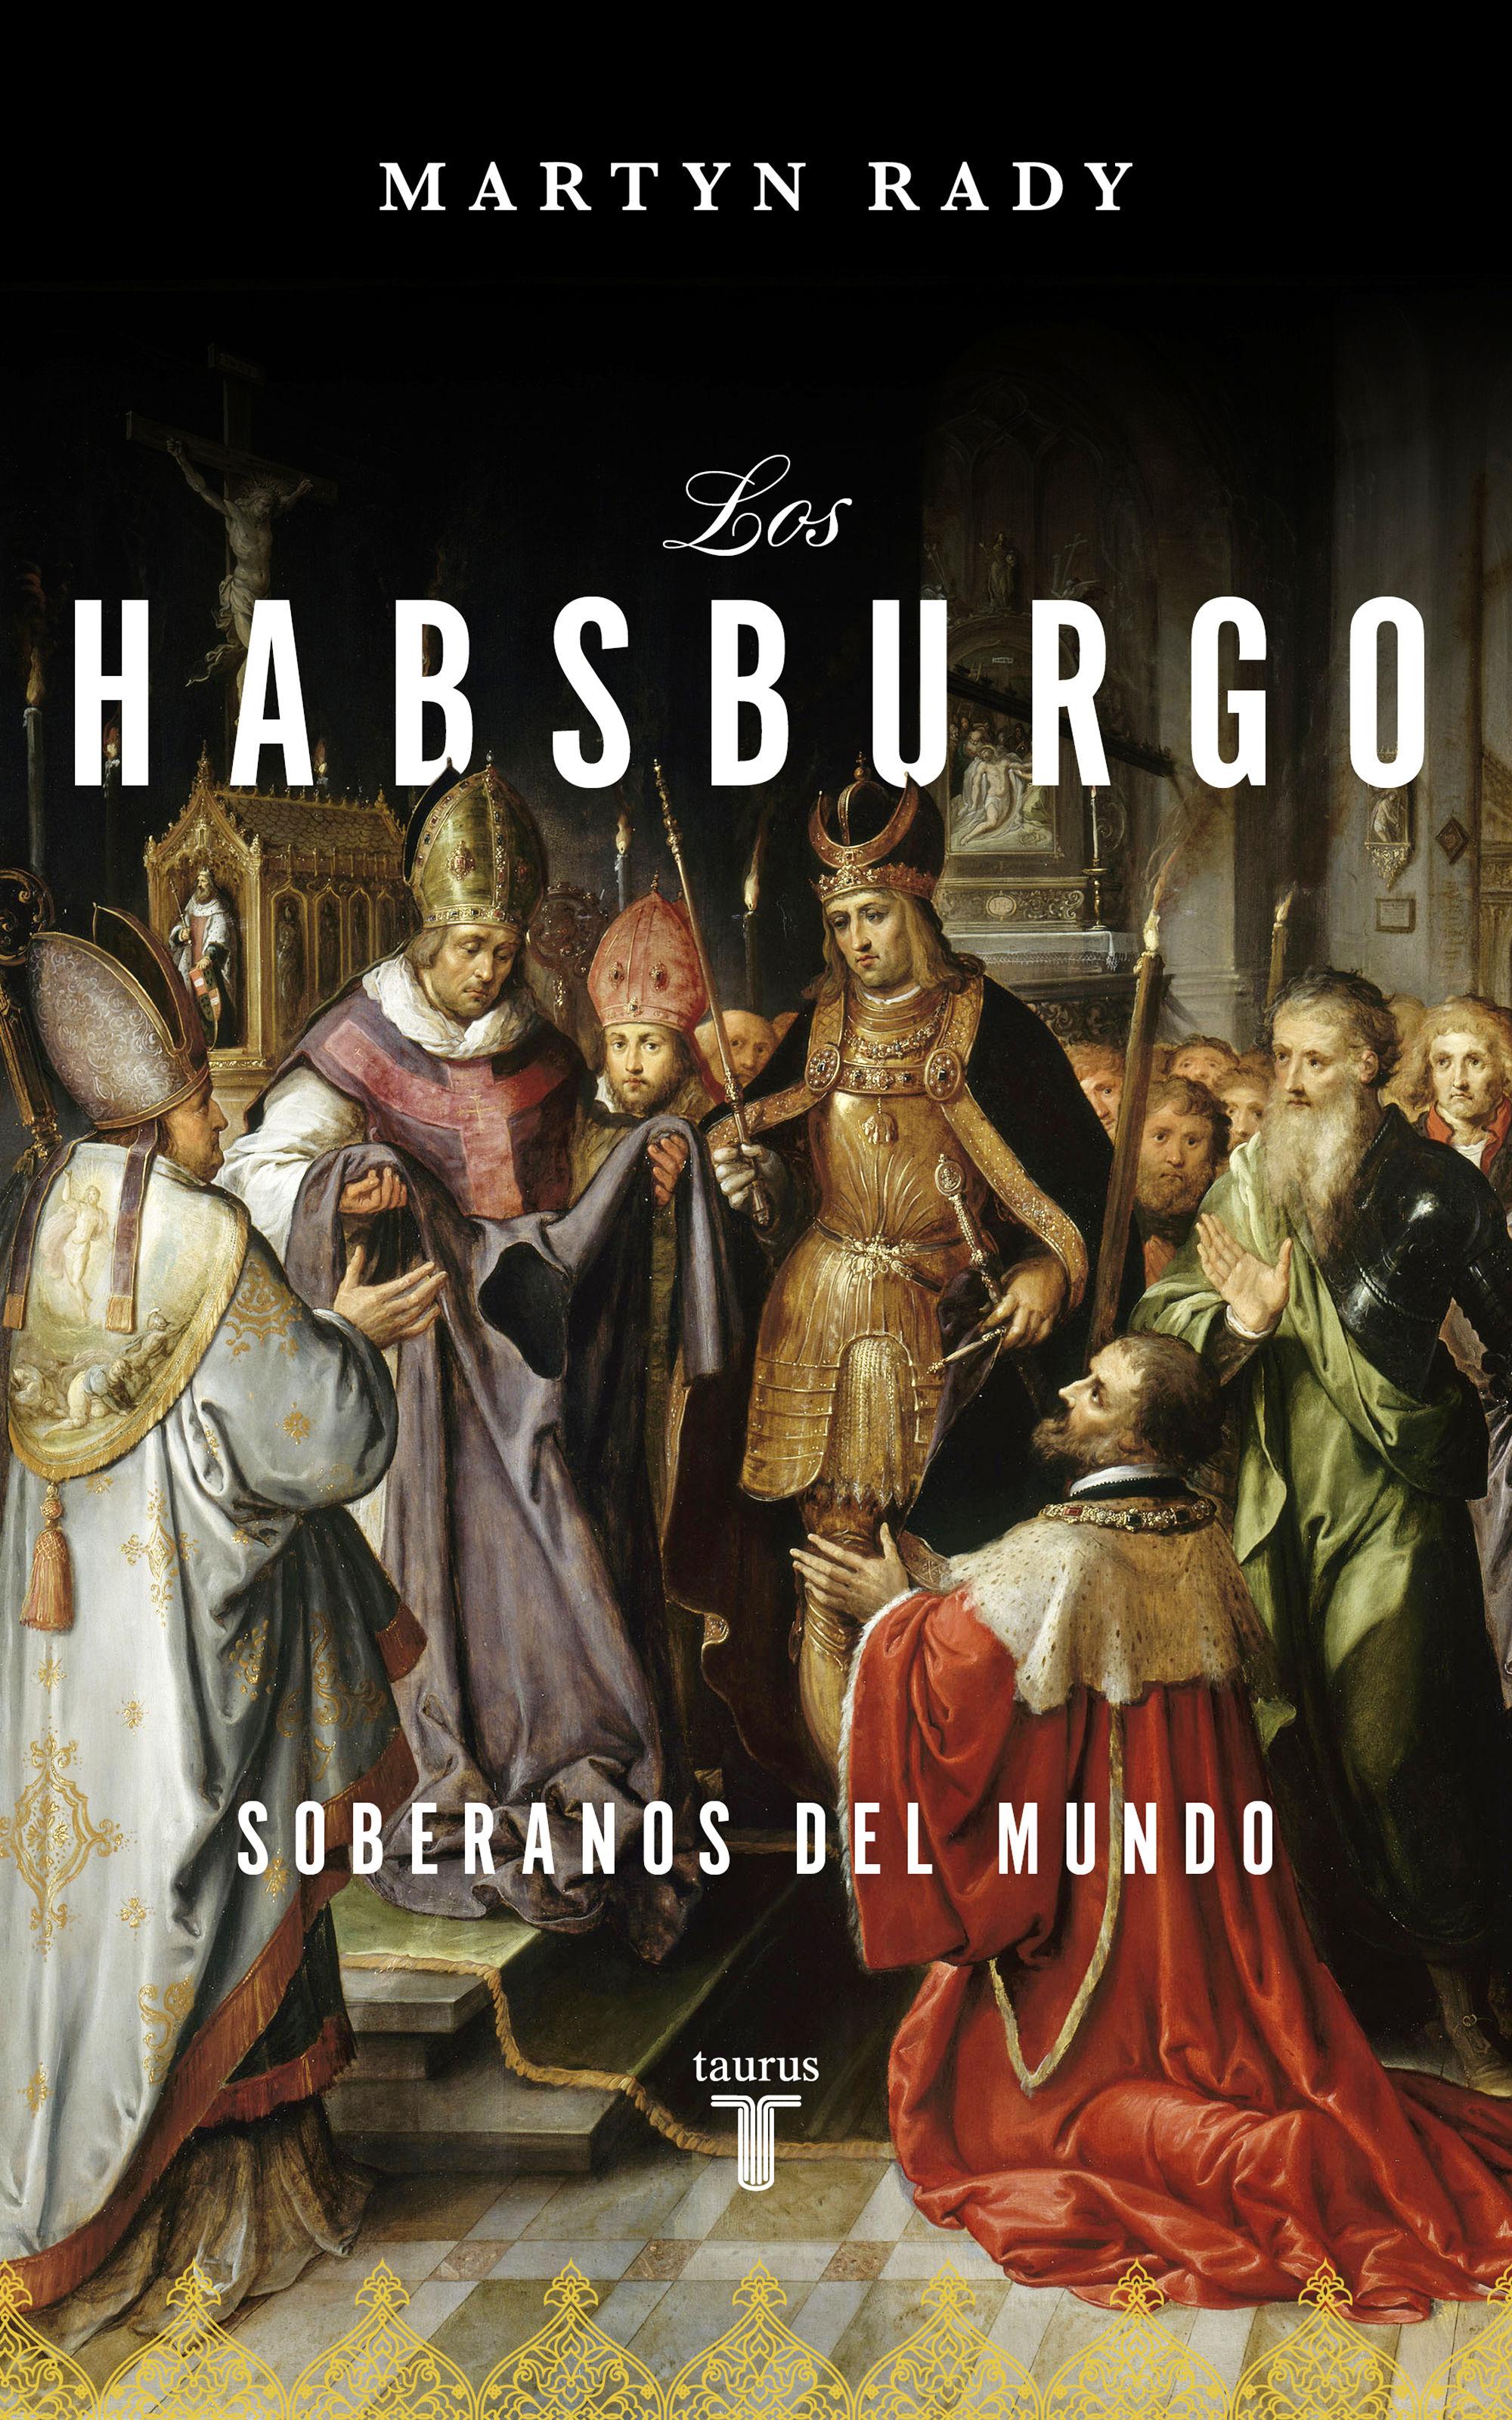 HABSBURGO LOS